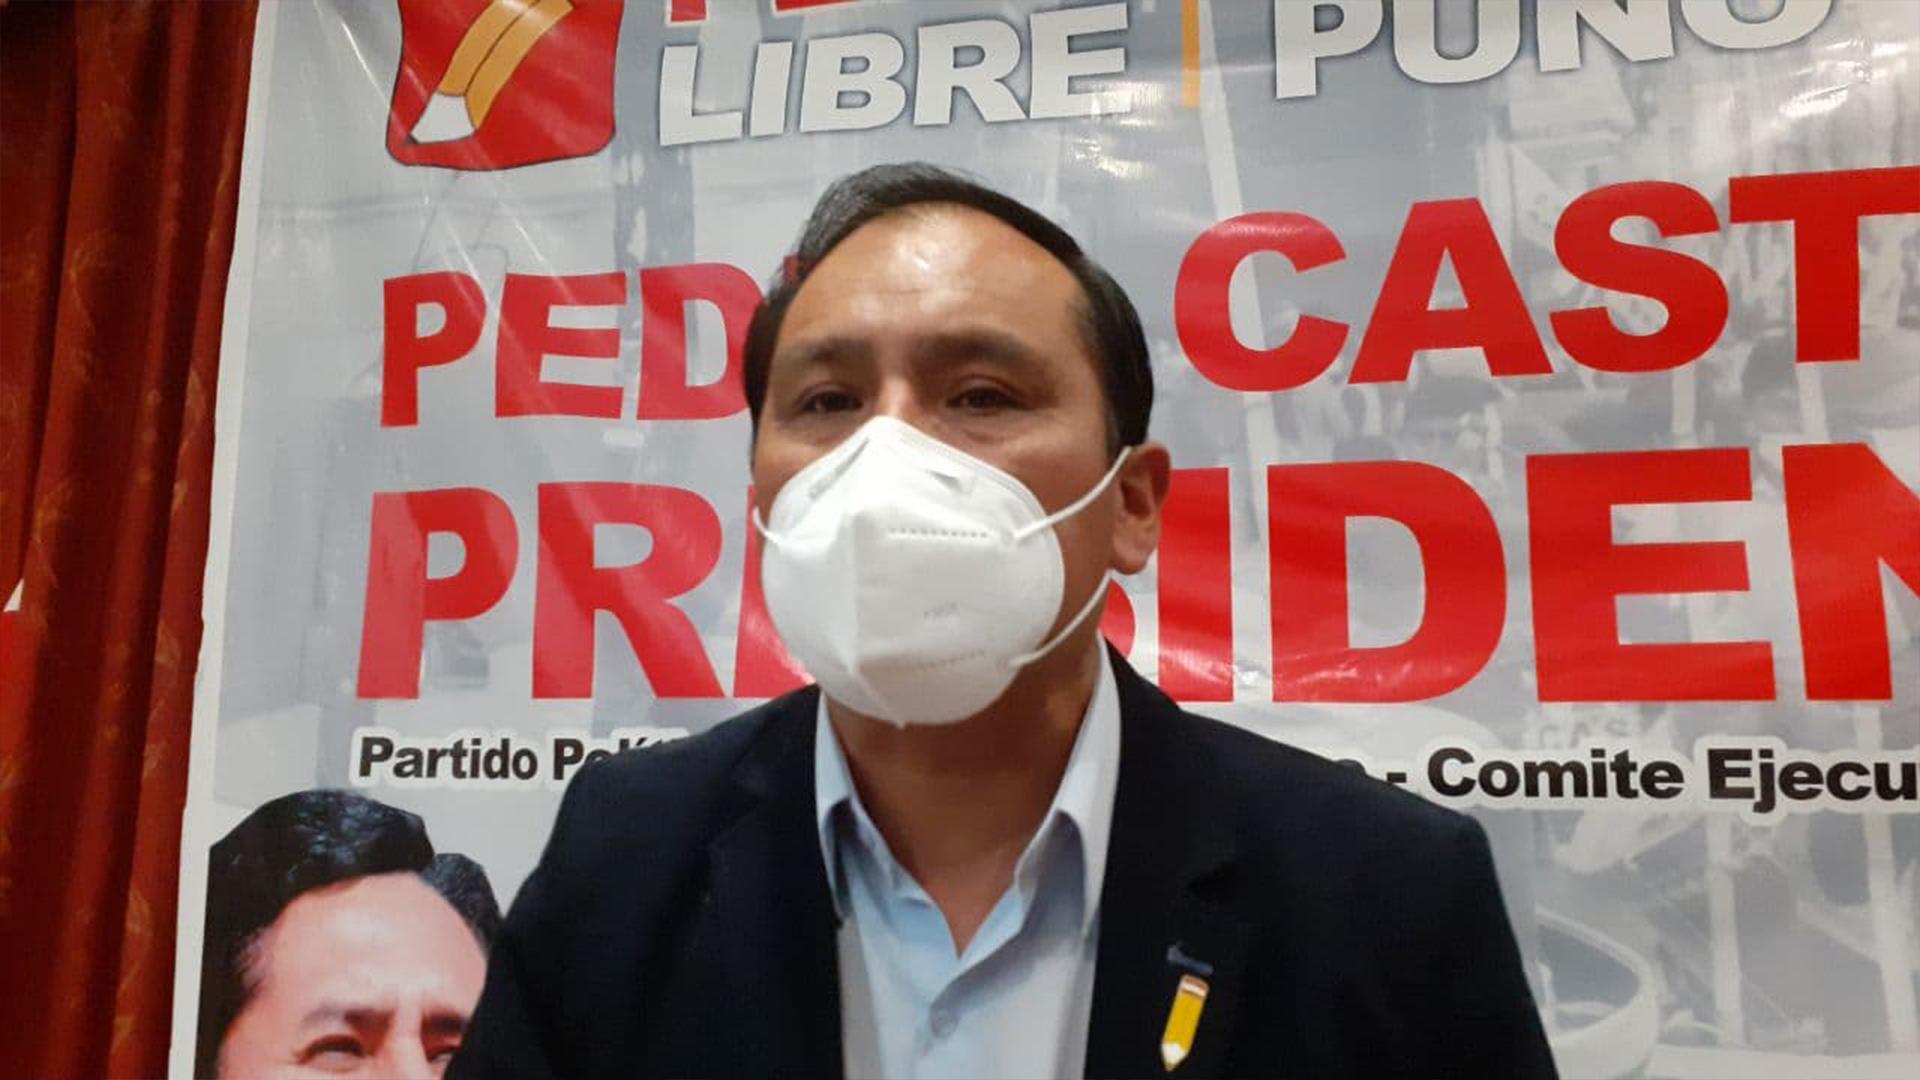 Congresista por Puno Flavio Cruz